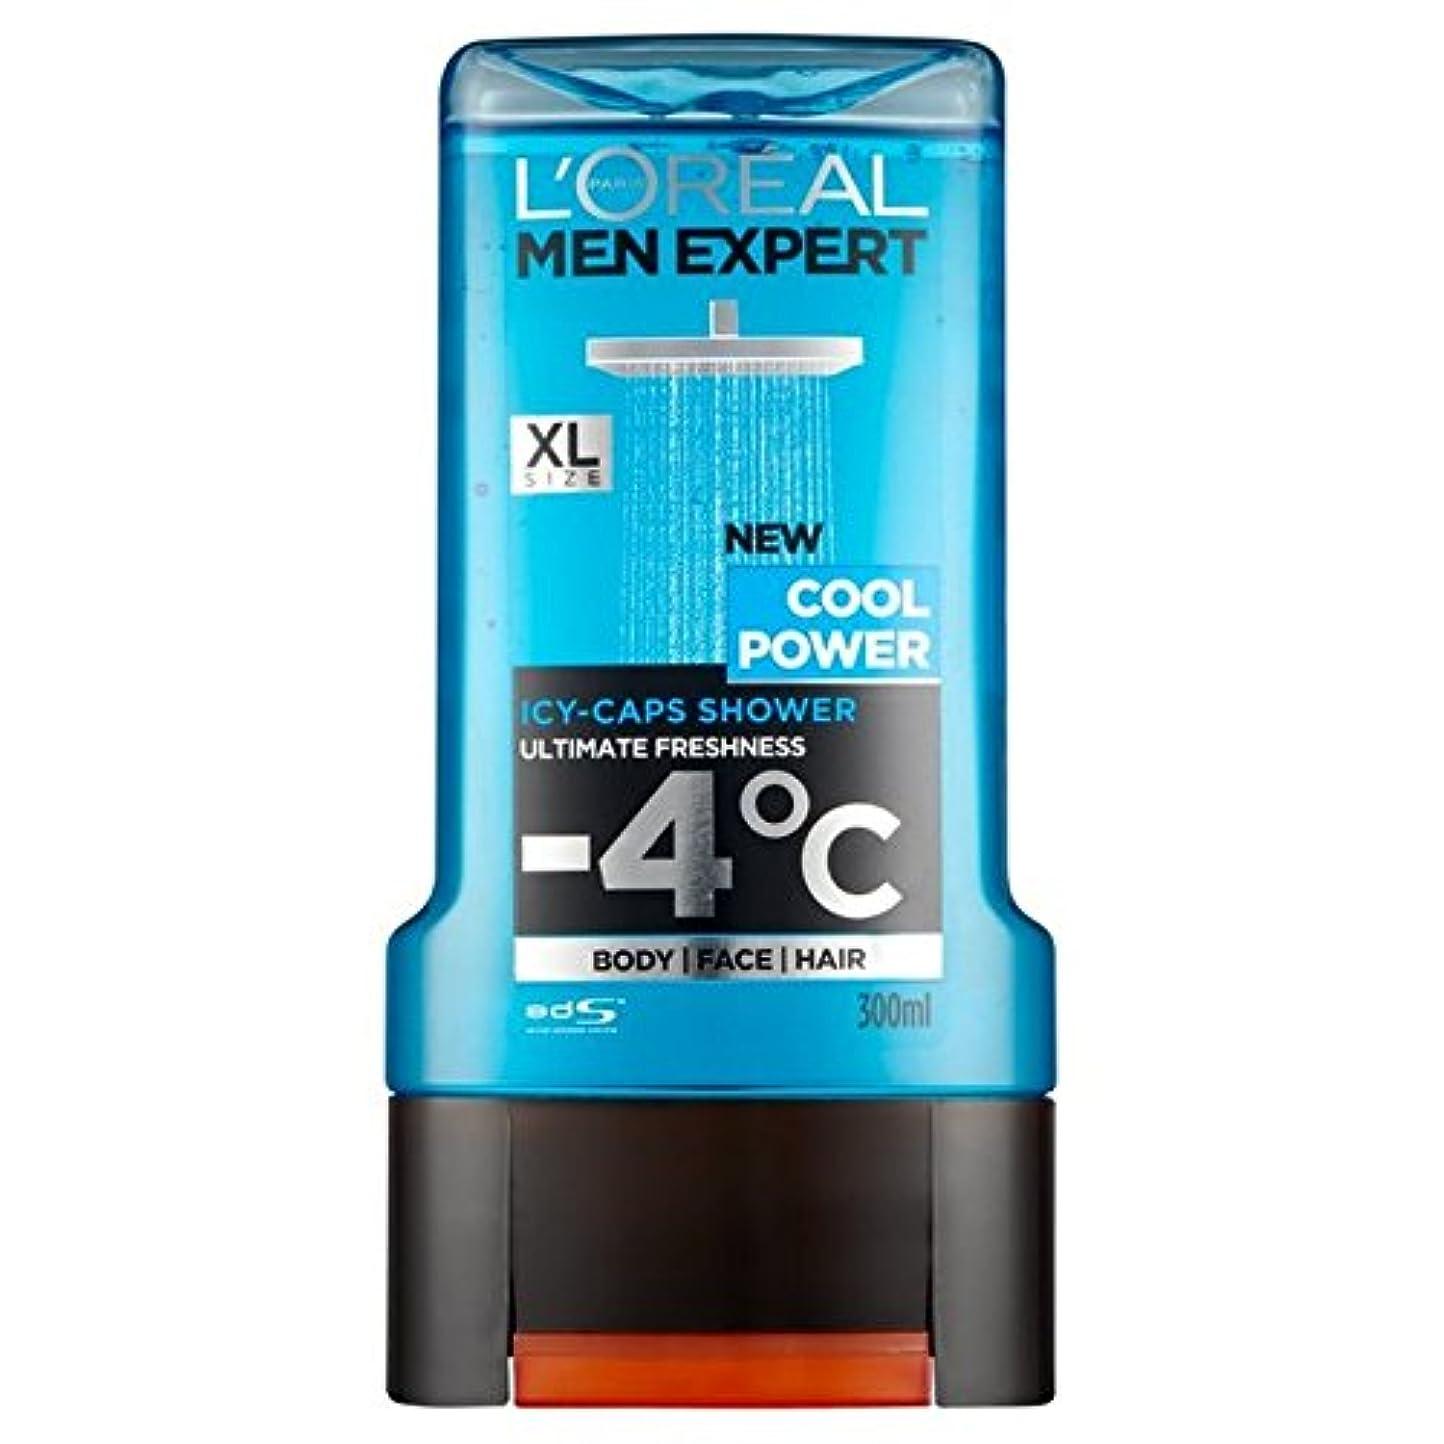 嫌悪ふさわしい作るロレアルパリの男性の専門家のクールなパワーシャワージェル300ミリリットル x4 - L'Oreal Paris Men Expert Cool Power Shower Gel 300ml (Pack of 4) [並行輸入品]